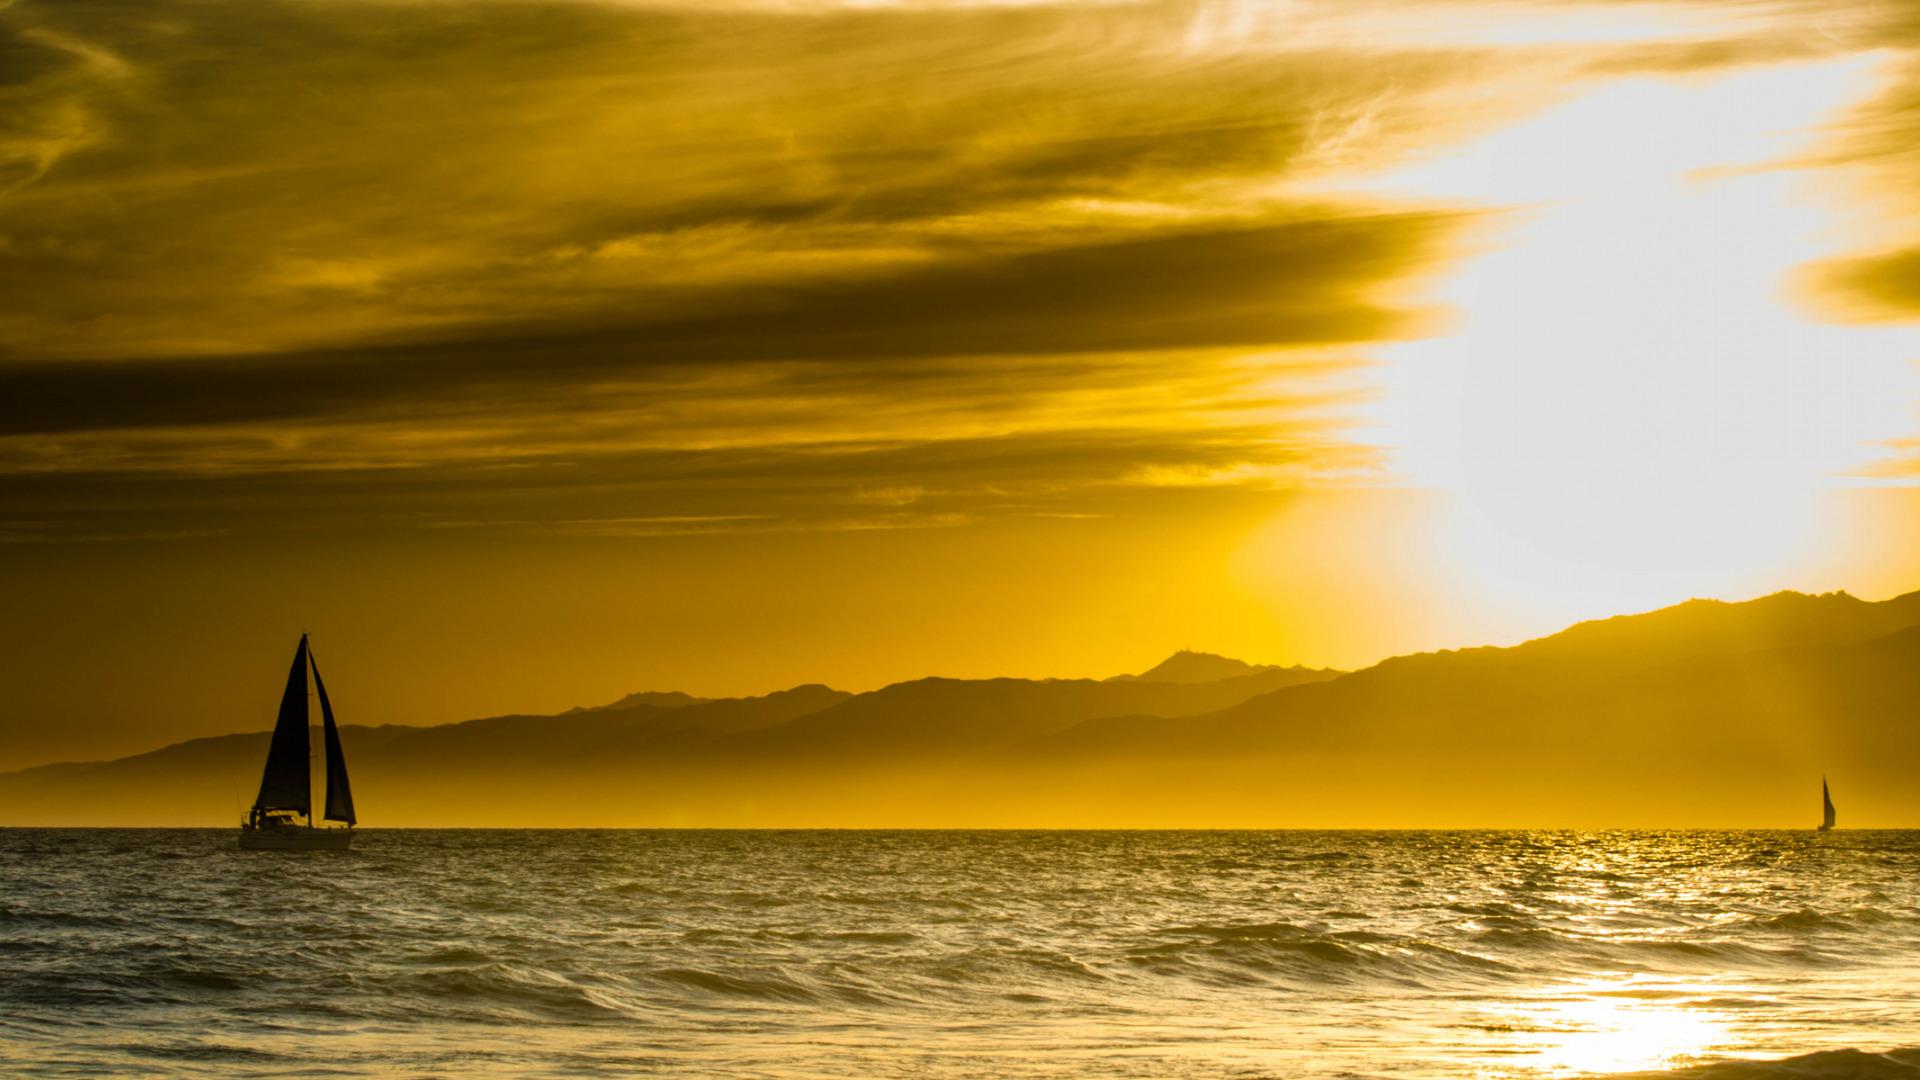 солнце в горах озеро яхты картинки аренду липецке отзывами